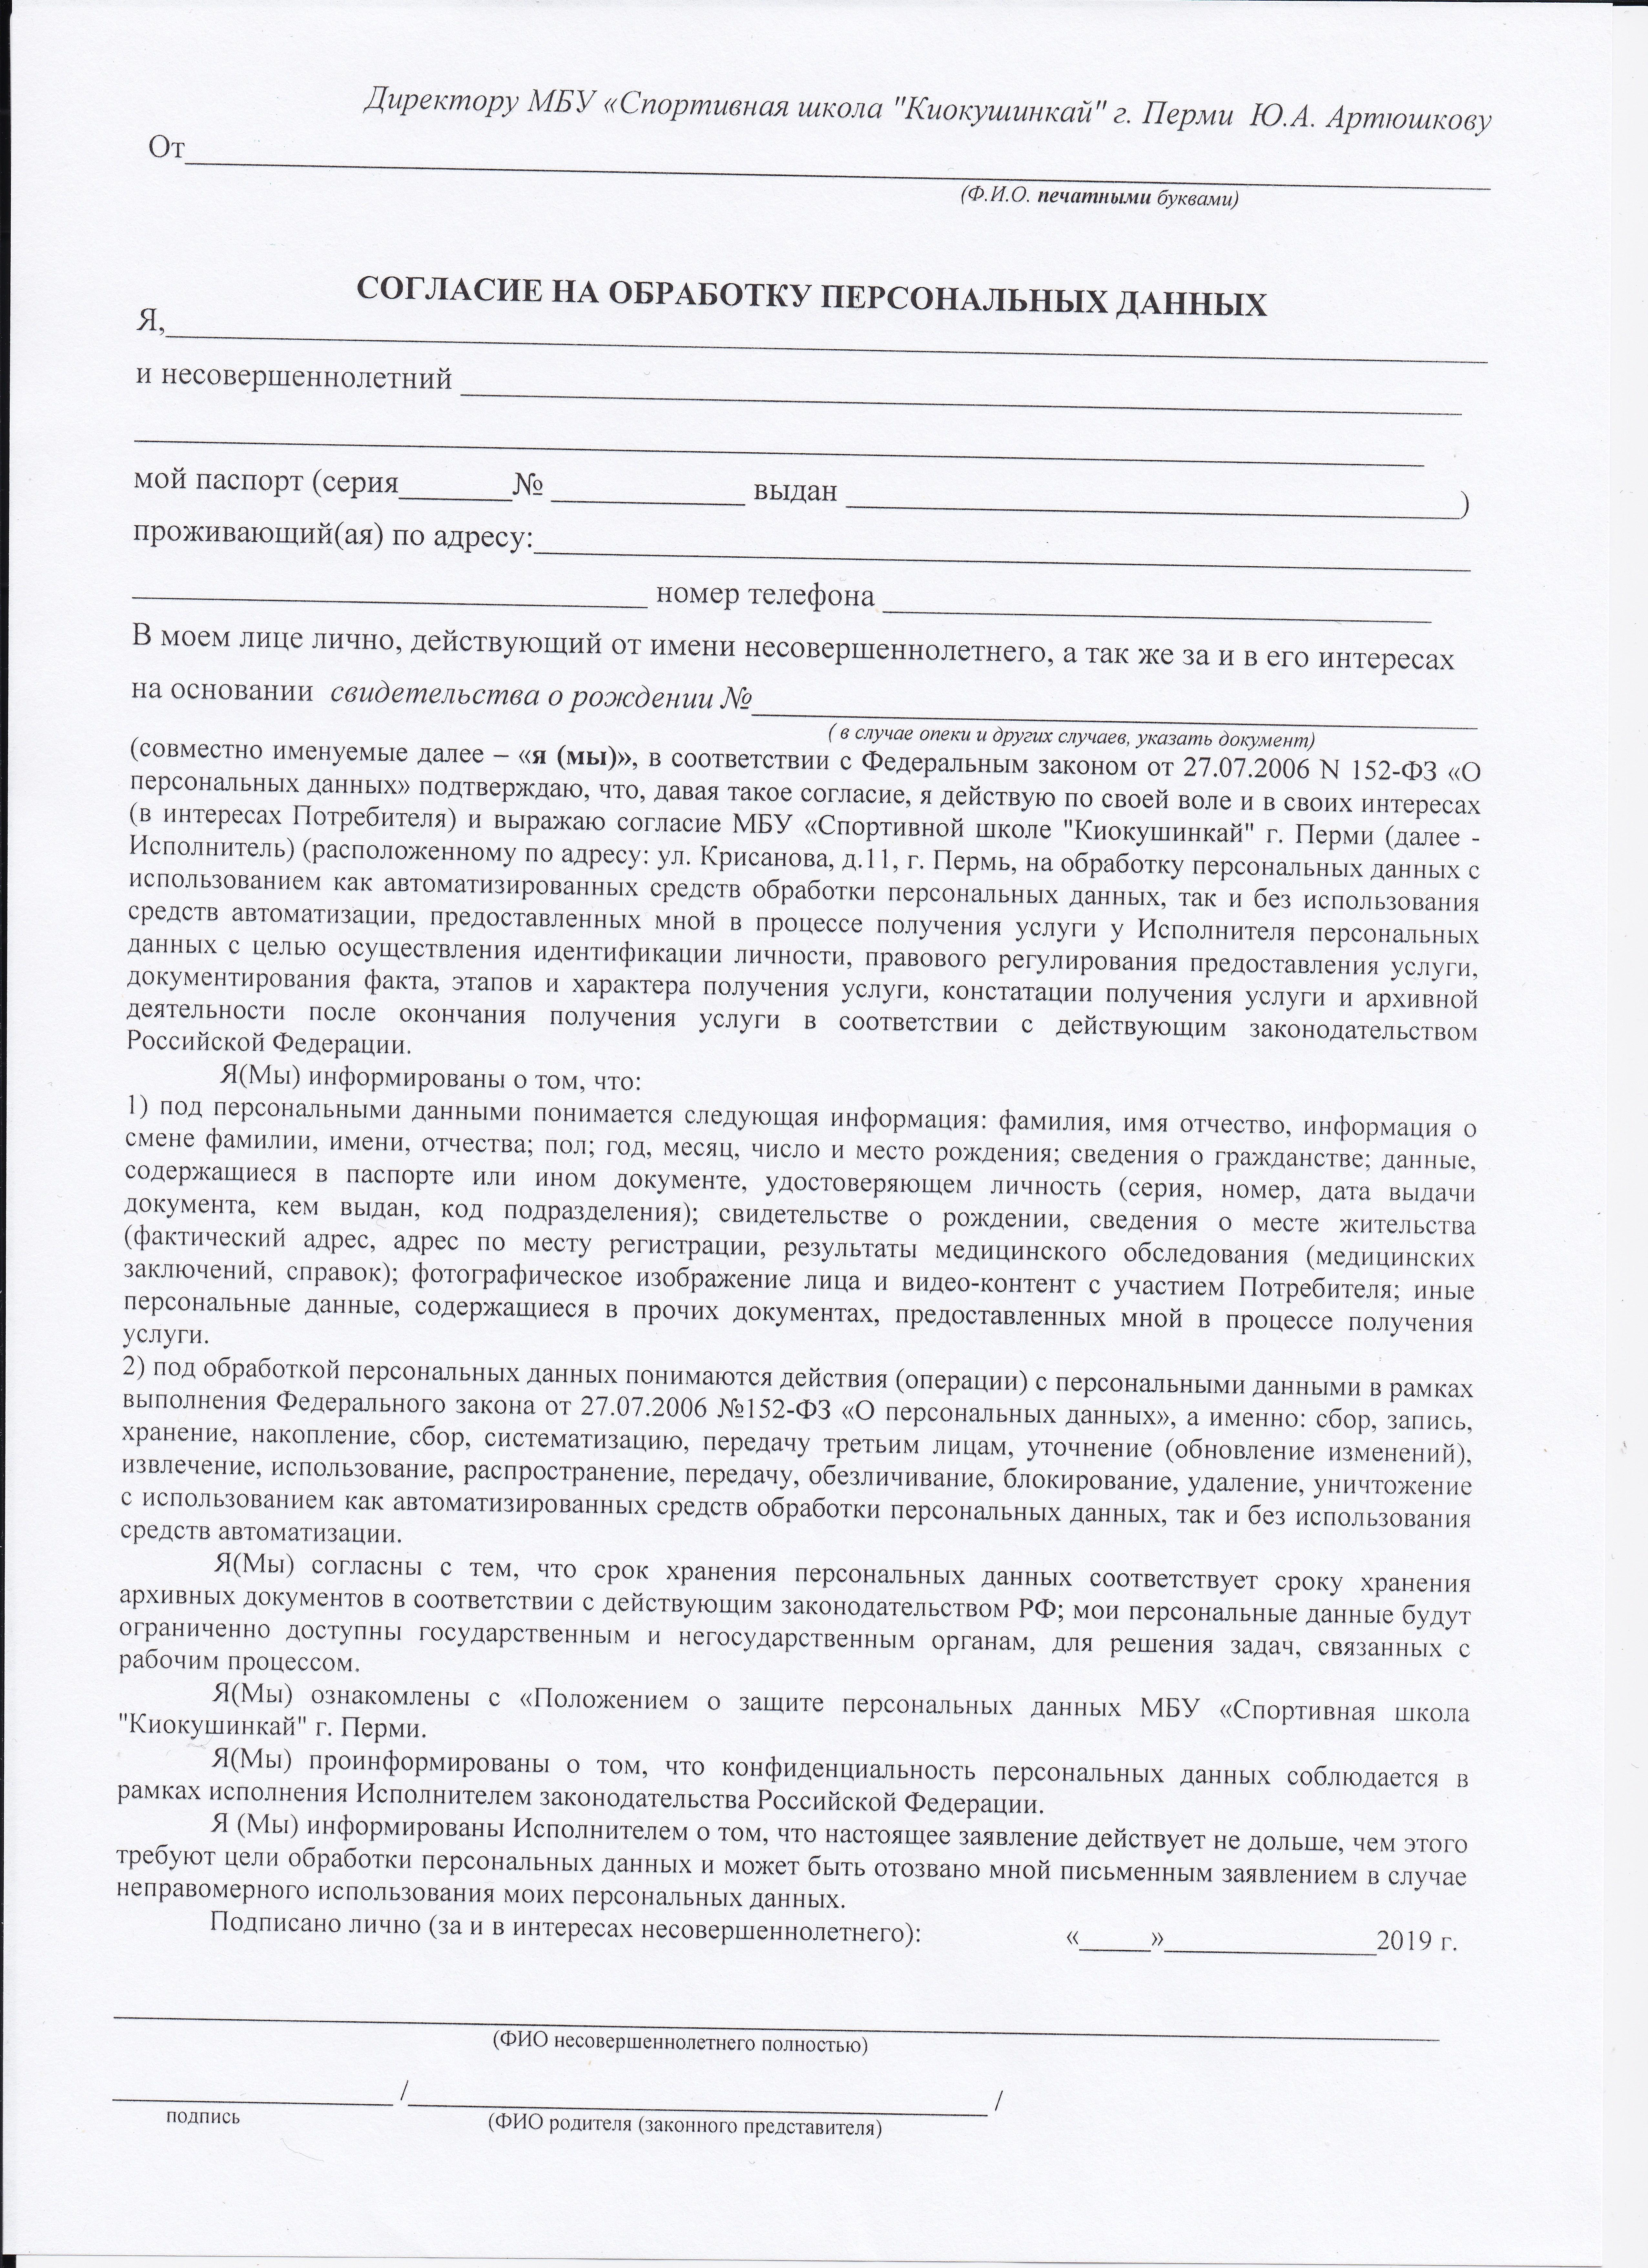 Бланк согласие персональных данных о фотографиях